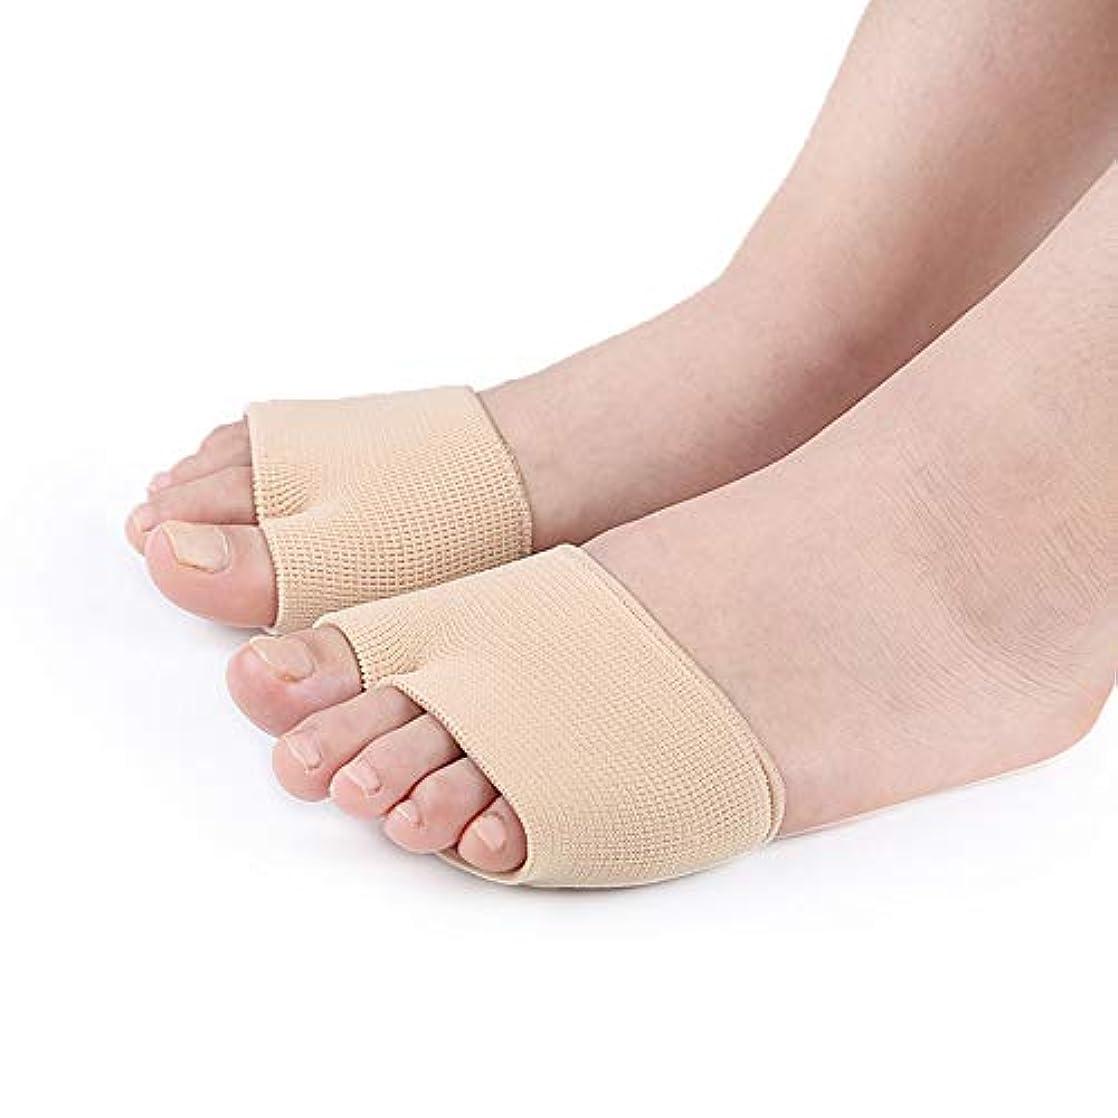 彼女は逆説経済的つま先矯正靴下ケアつま先防止重複伸縮性高減衰ダンピング吸収汗通気性ナイロン布SEBS,5pairs,S